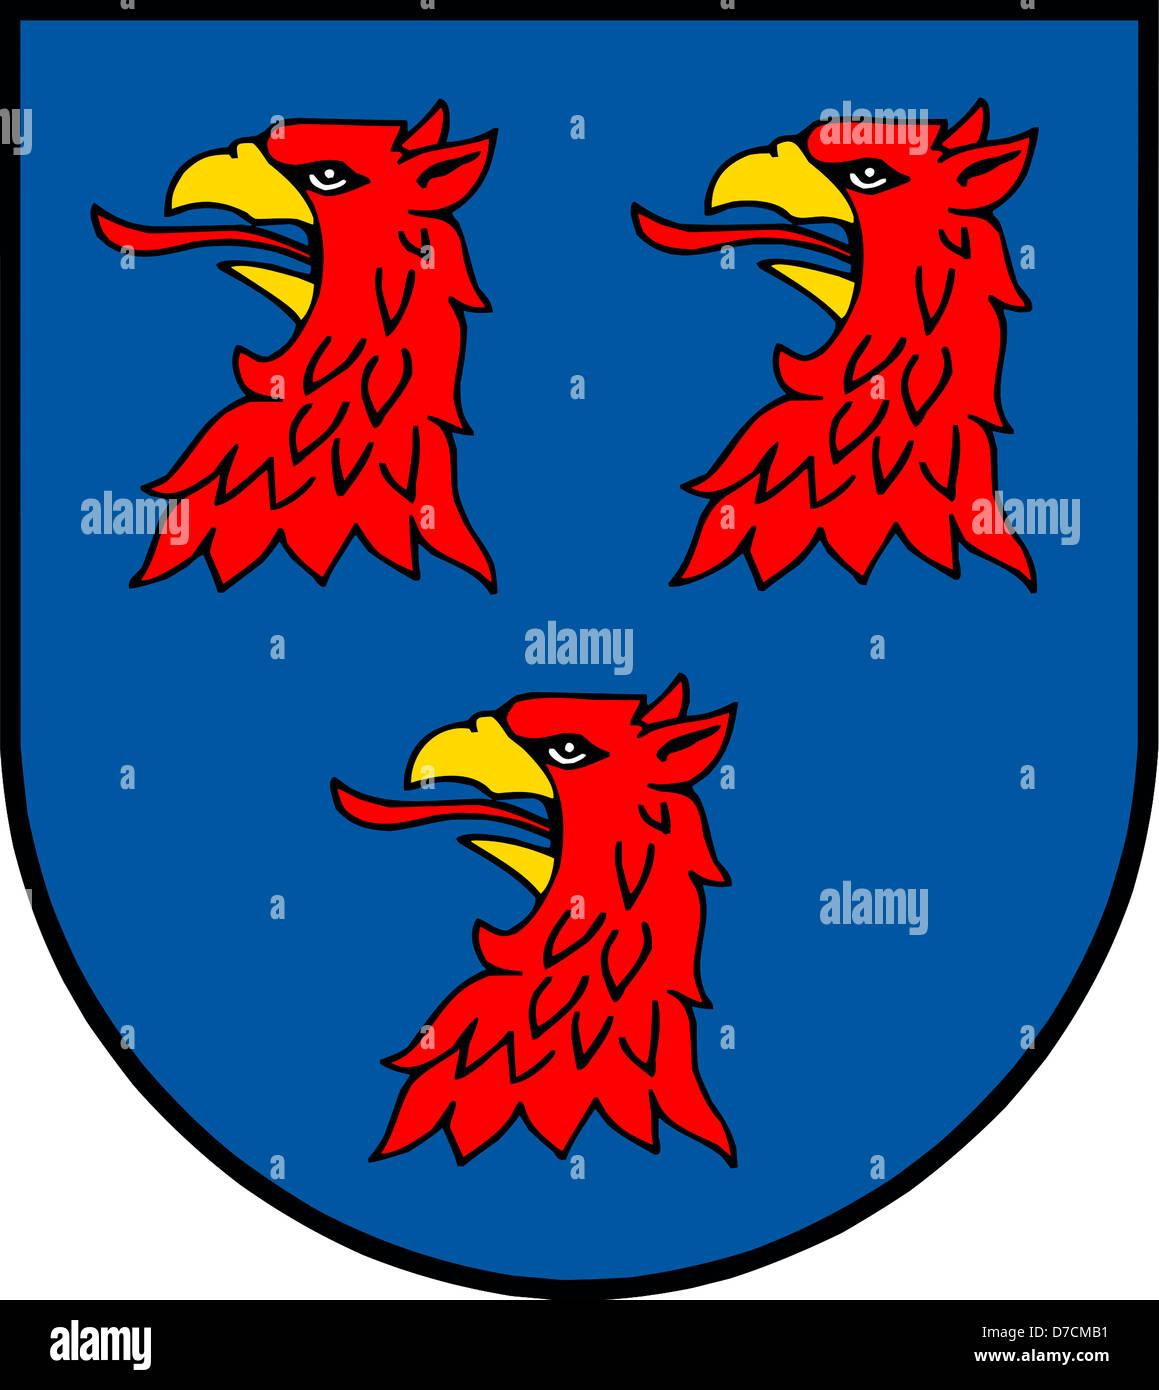 Wappen der deutschen Stadt Pasewalk in Mecklenburg-Vorpommern. Stockfoto